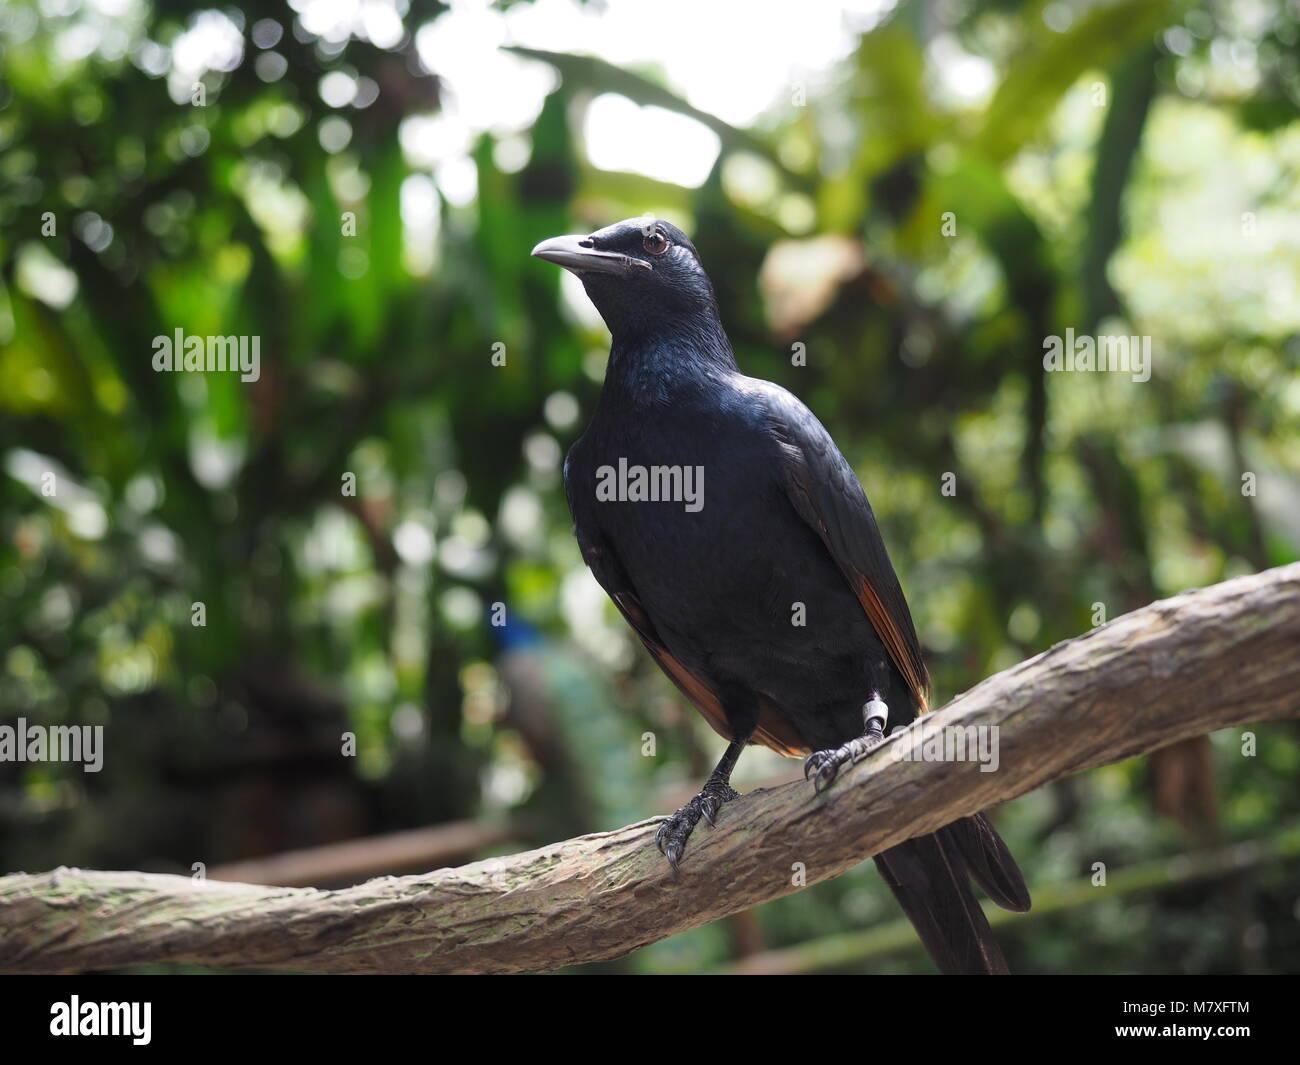 Black Bird Standing Proud - Stock Image